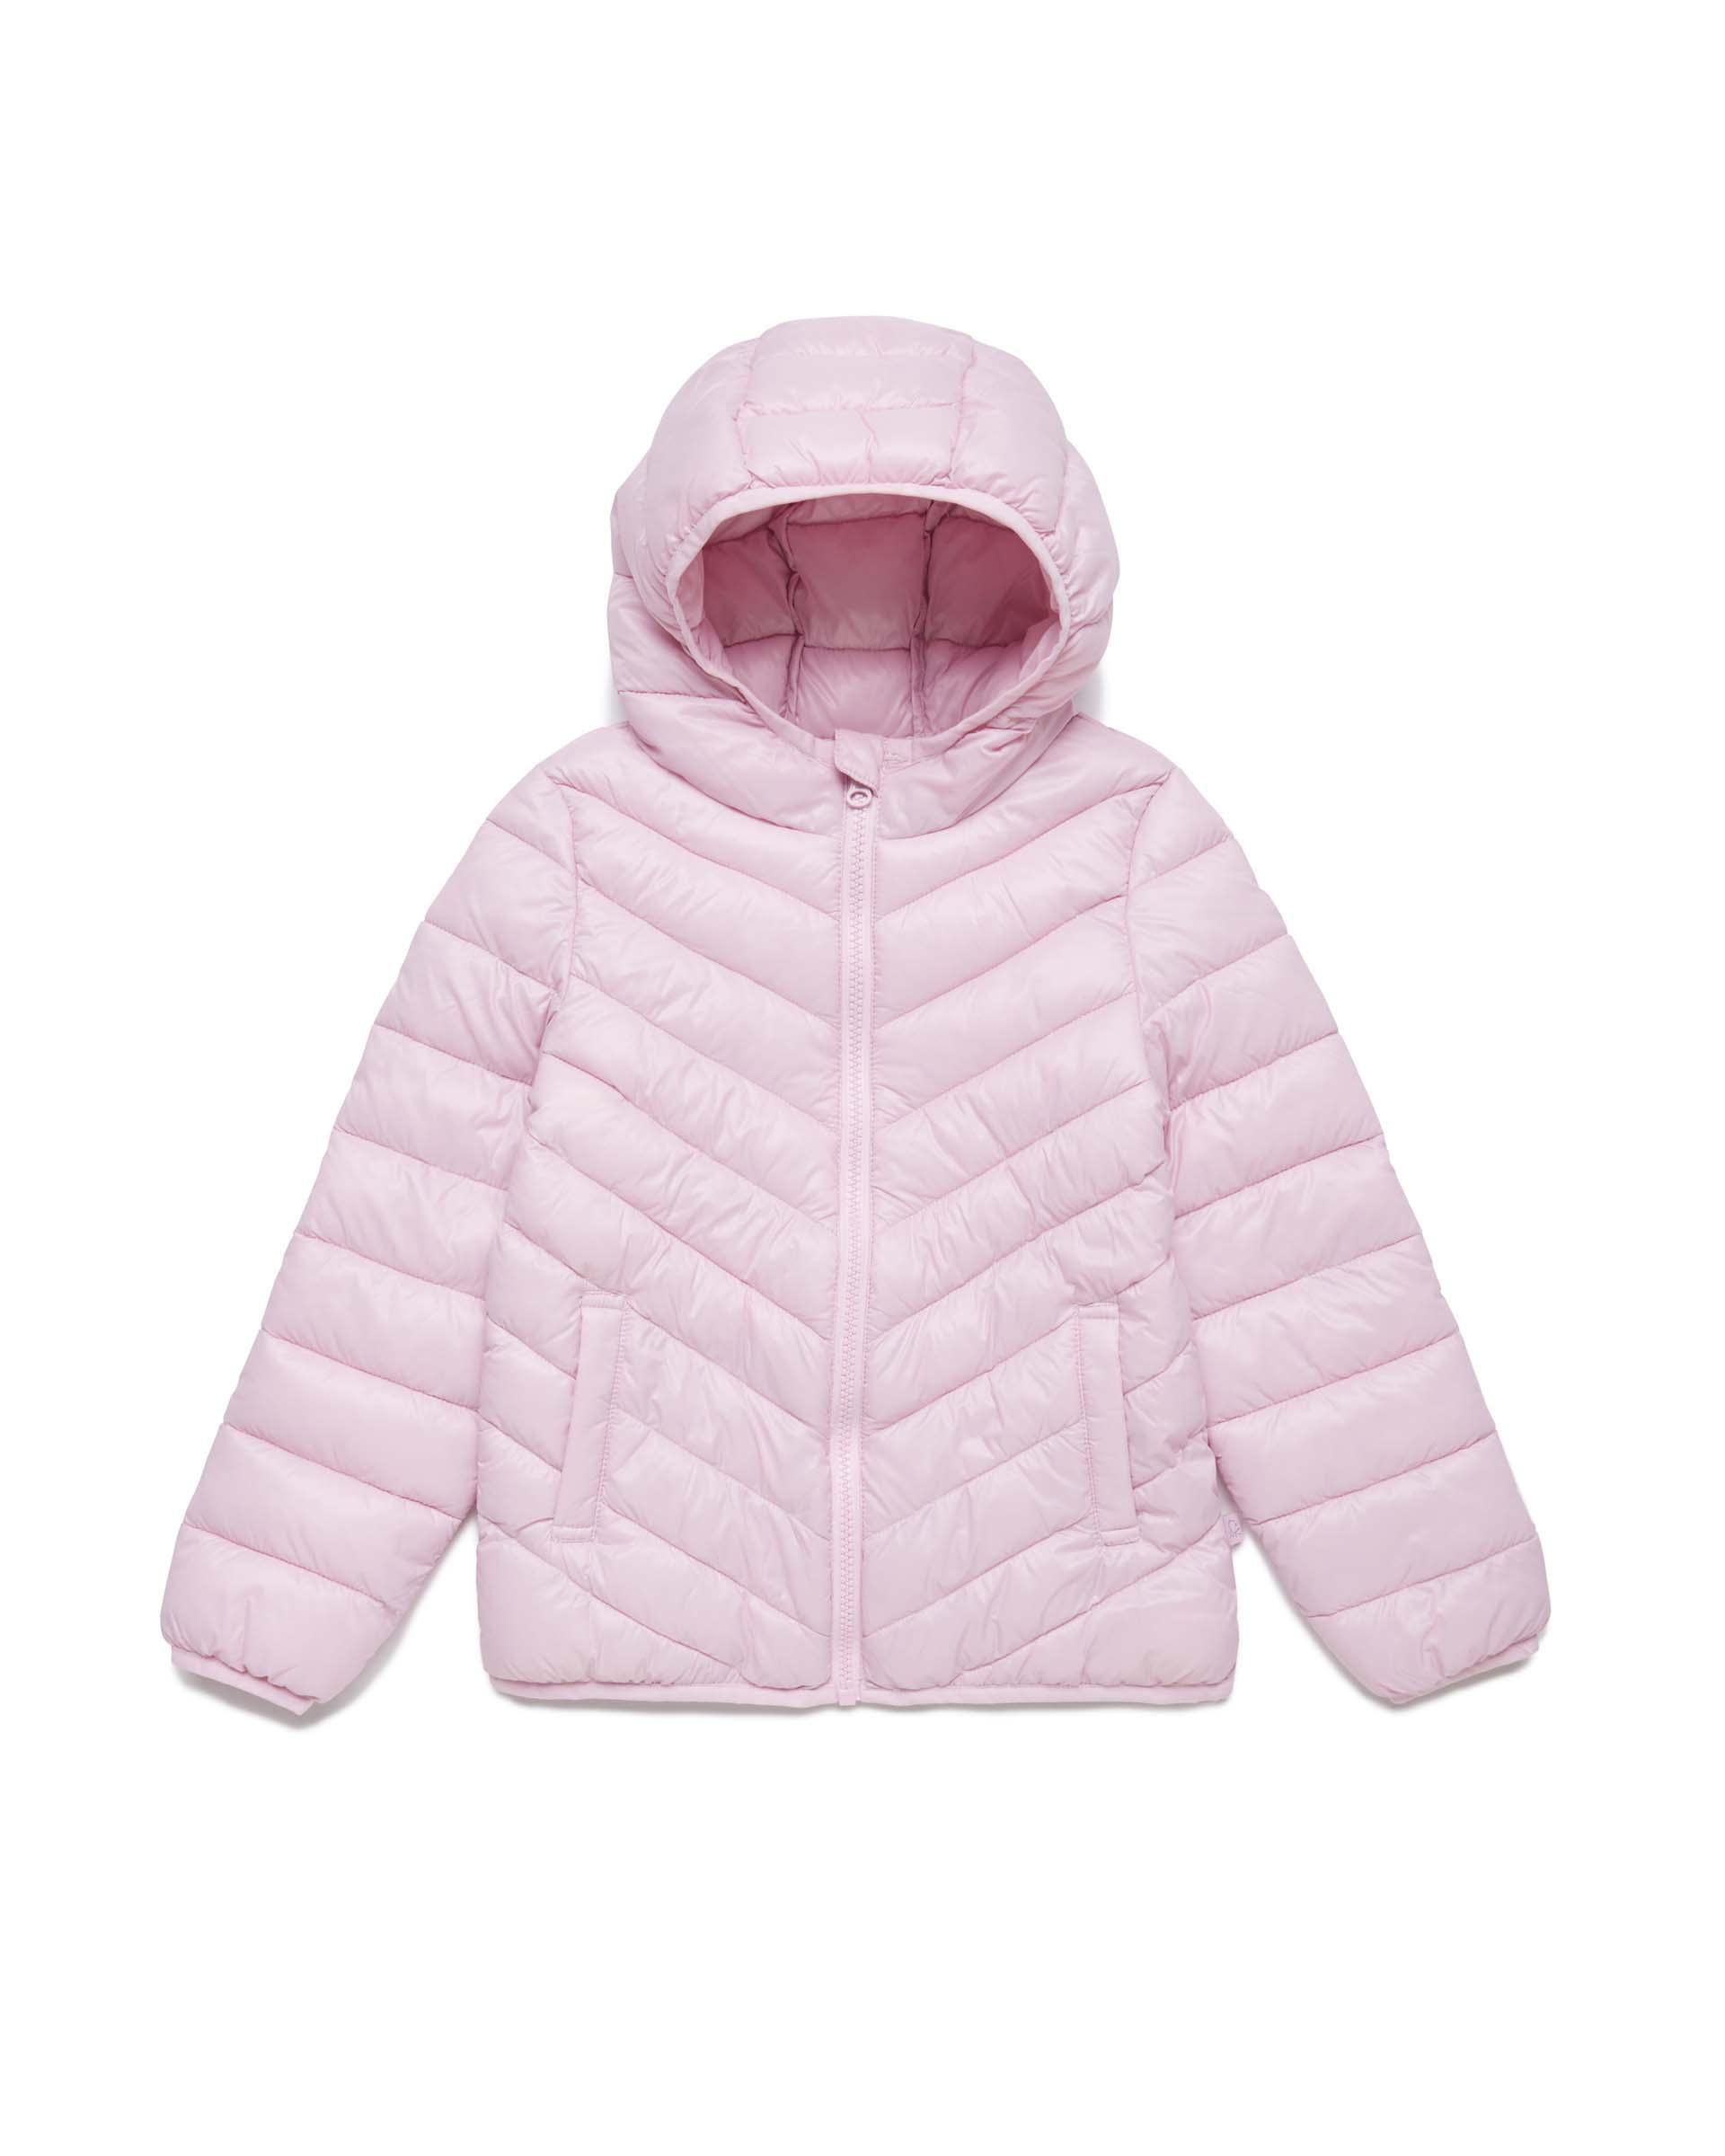 Купить 20P_2RQ453HQ0_07M, Укороченная куртка для девочек Benetton 2RQ453HQ0_07M р-р 140, United Colors of Benetton, Куртки для девочек